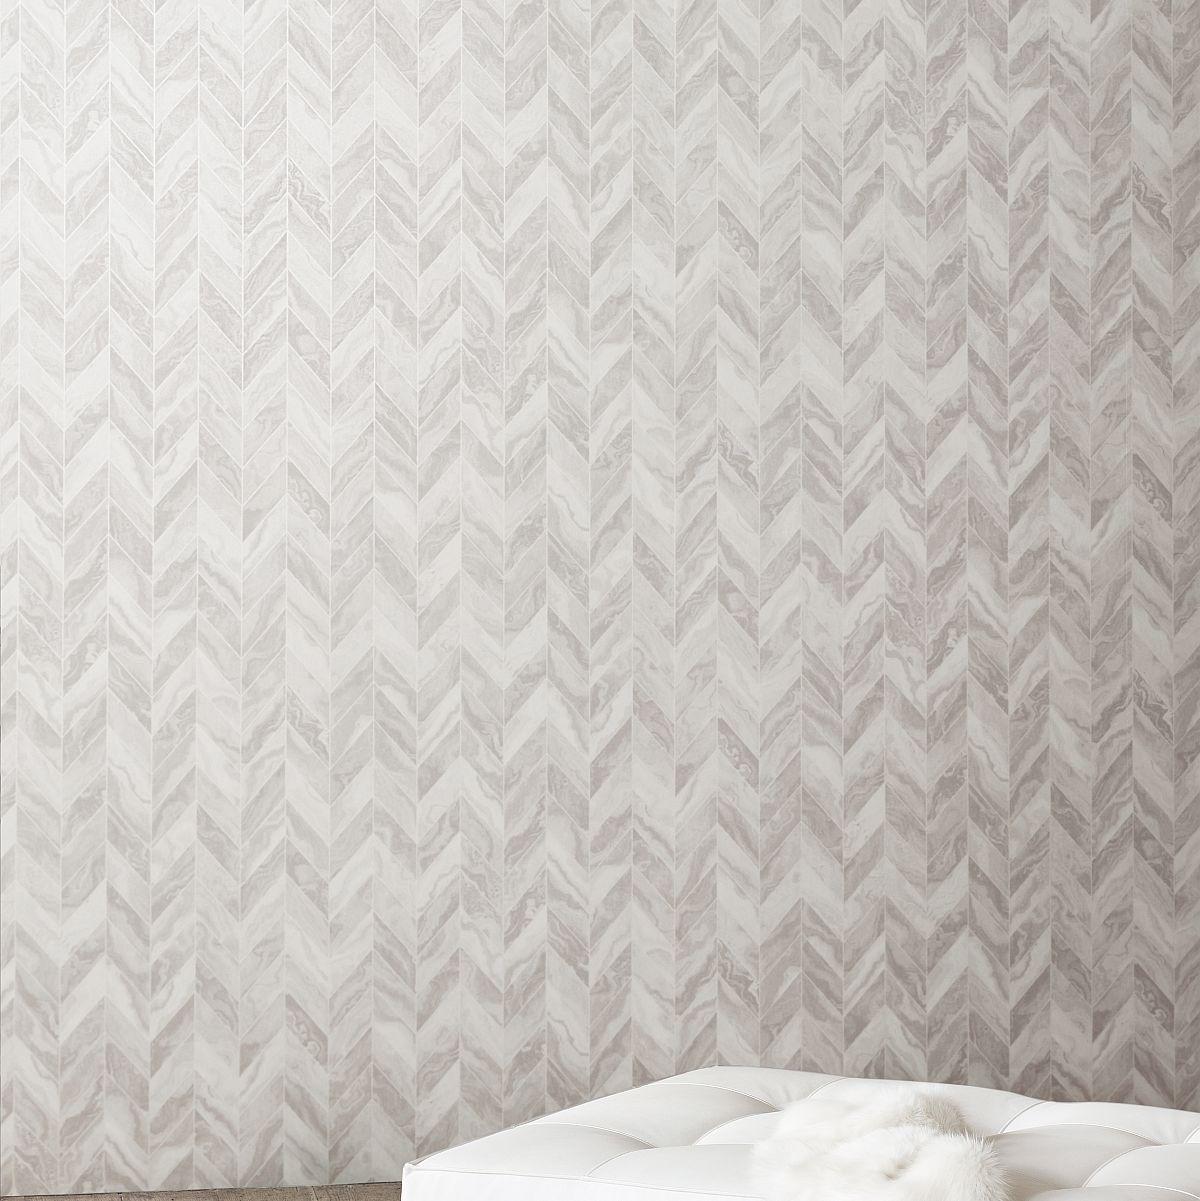 hochwertige tapeten und stoffe vliestapete gema silver. Black Bedroom Furniture Sets. Home Design Ideas